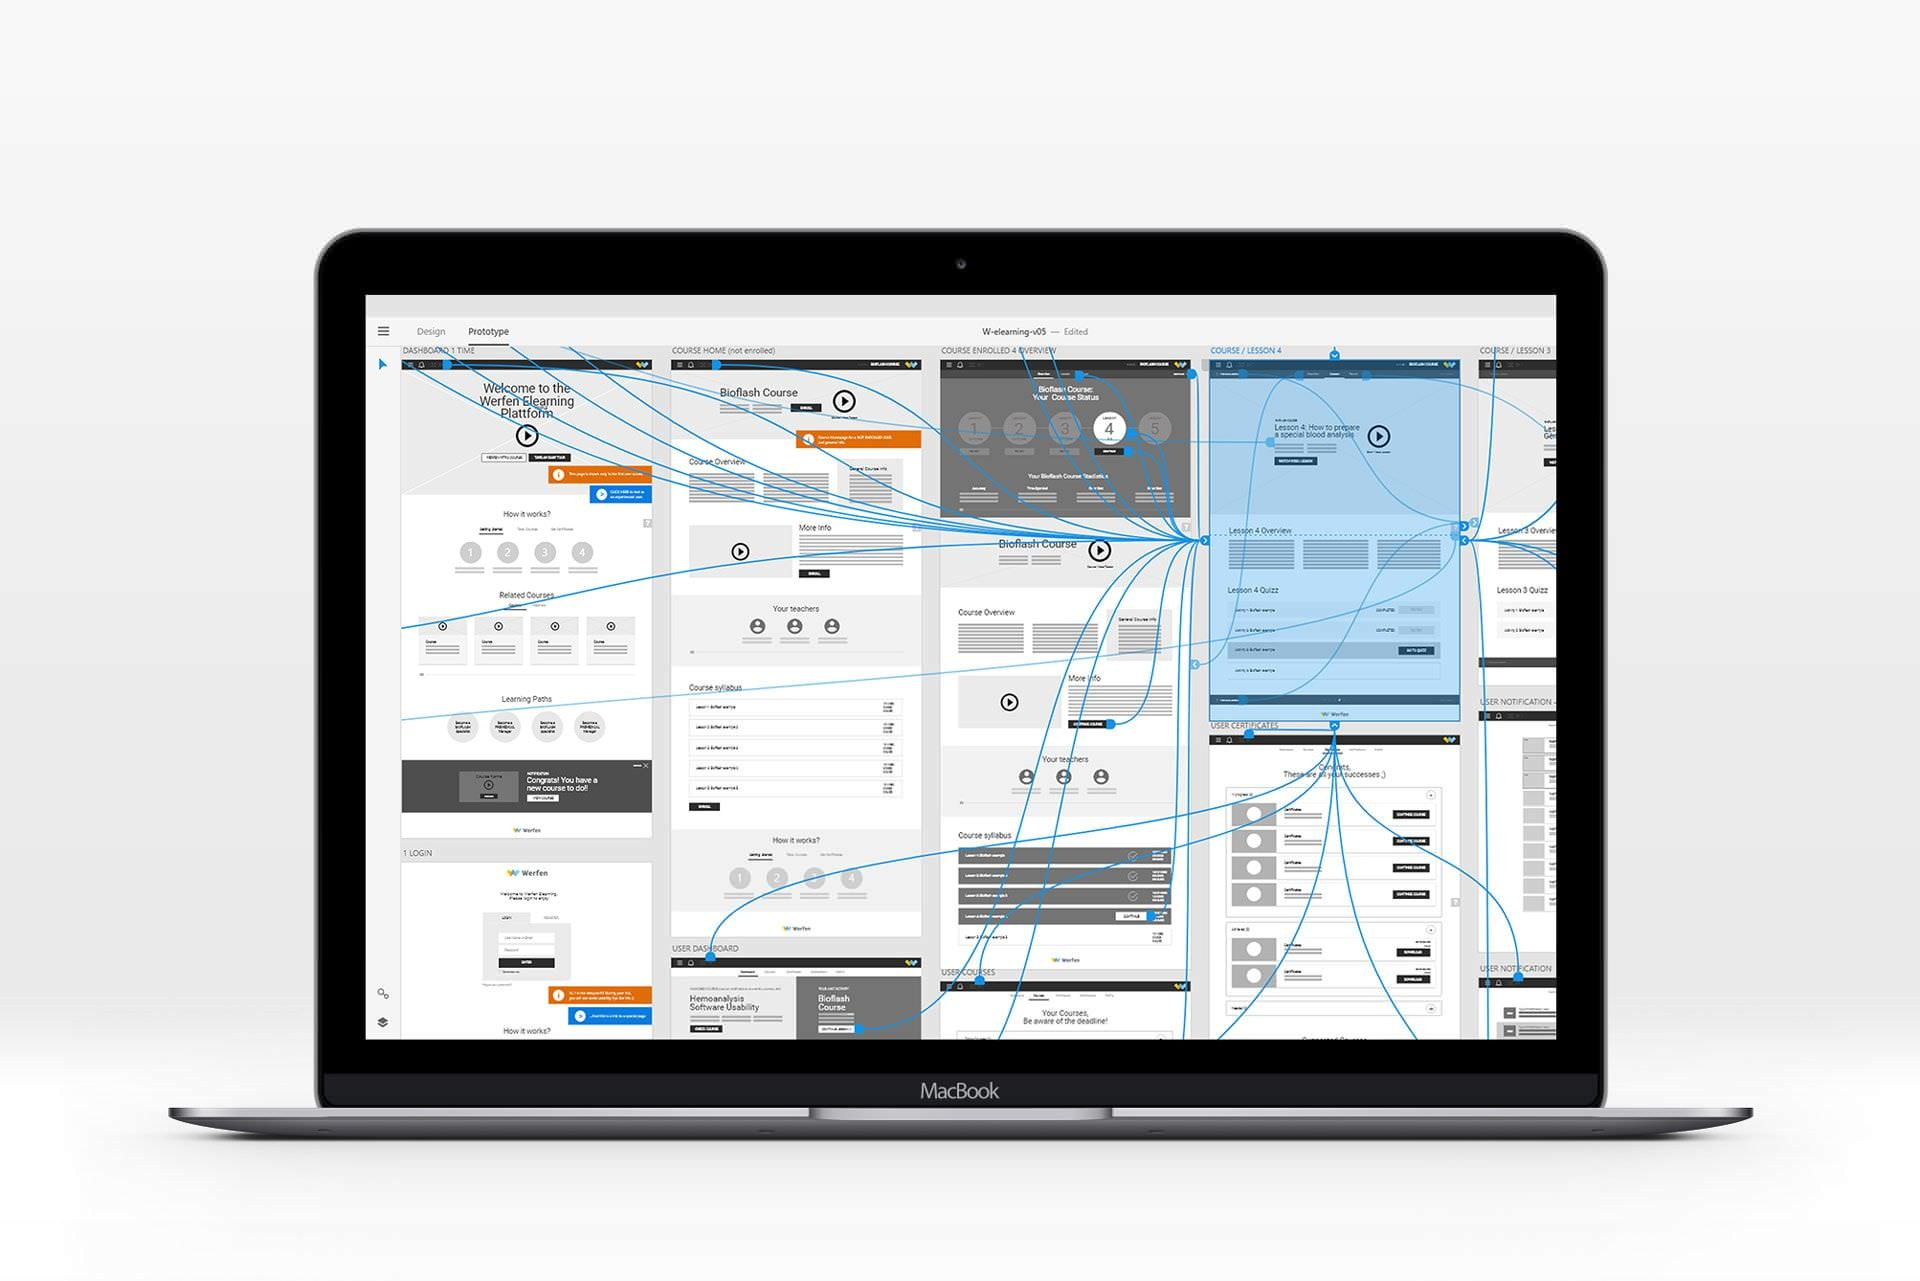 Flujo de navegación de usuario en prototipo Adobe Xd